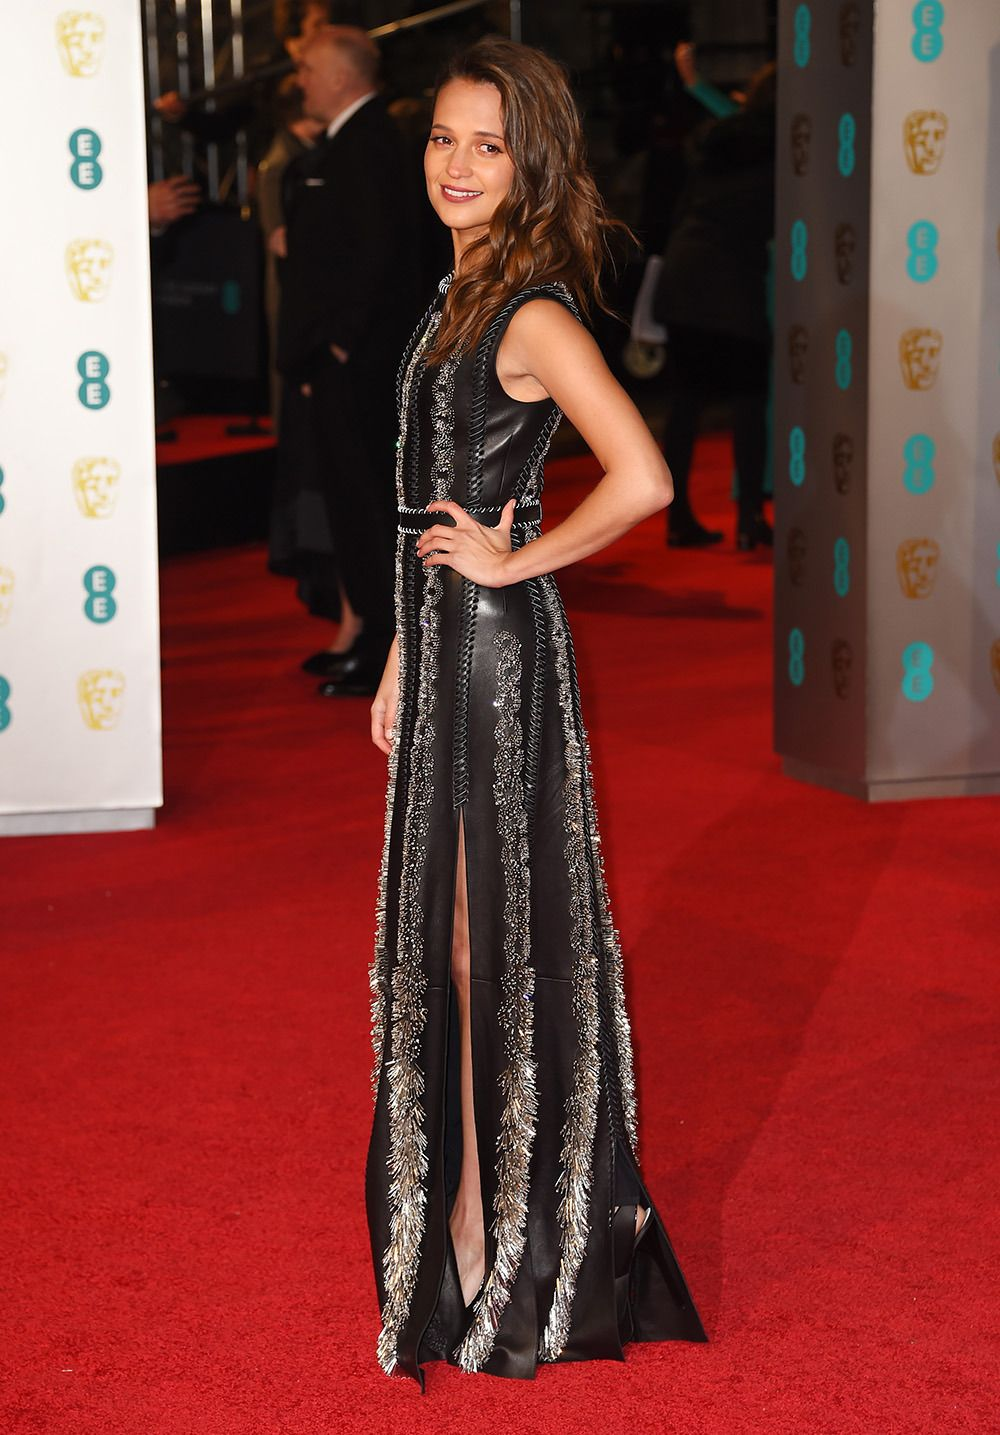 licia Vikander Con un vestido embellecido sobre cuero con abertura de Louis Vuitton.